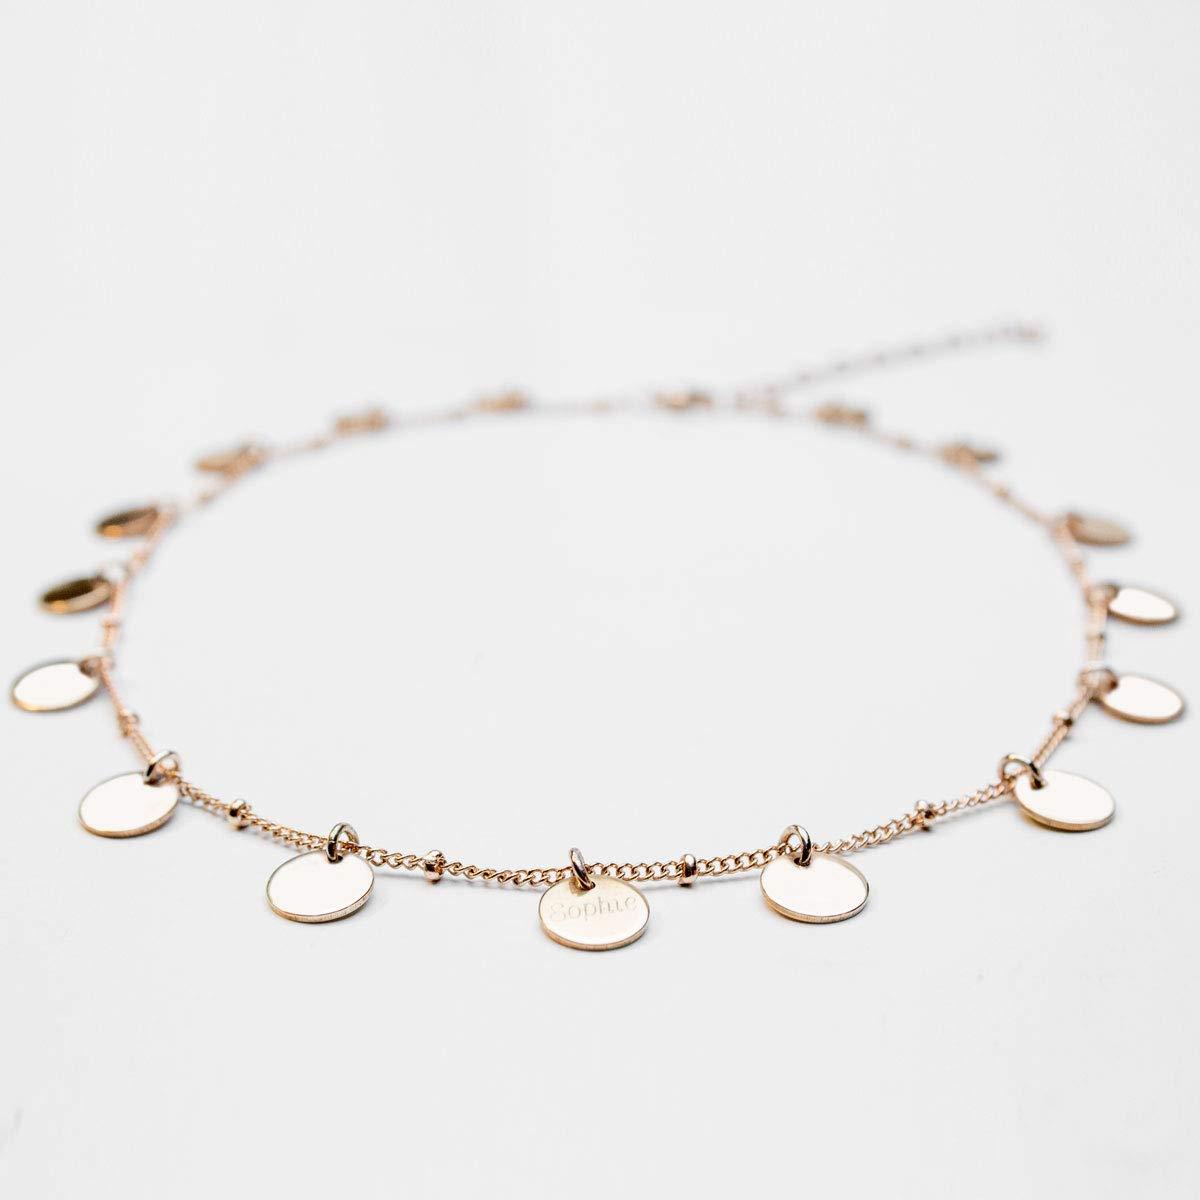 Halskette Choker'Rose' mit gravierbaren Plä ttchen | Namenskette | Kette mit Gravur | Namenskette | Personalisierter & individueller Schmuck | Stainless Steel